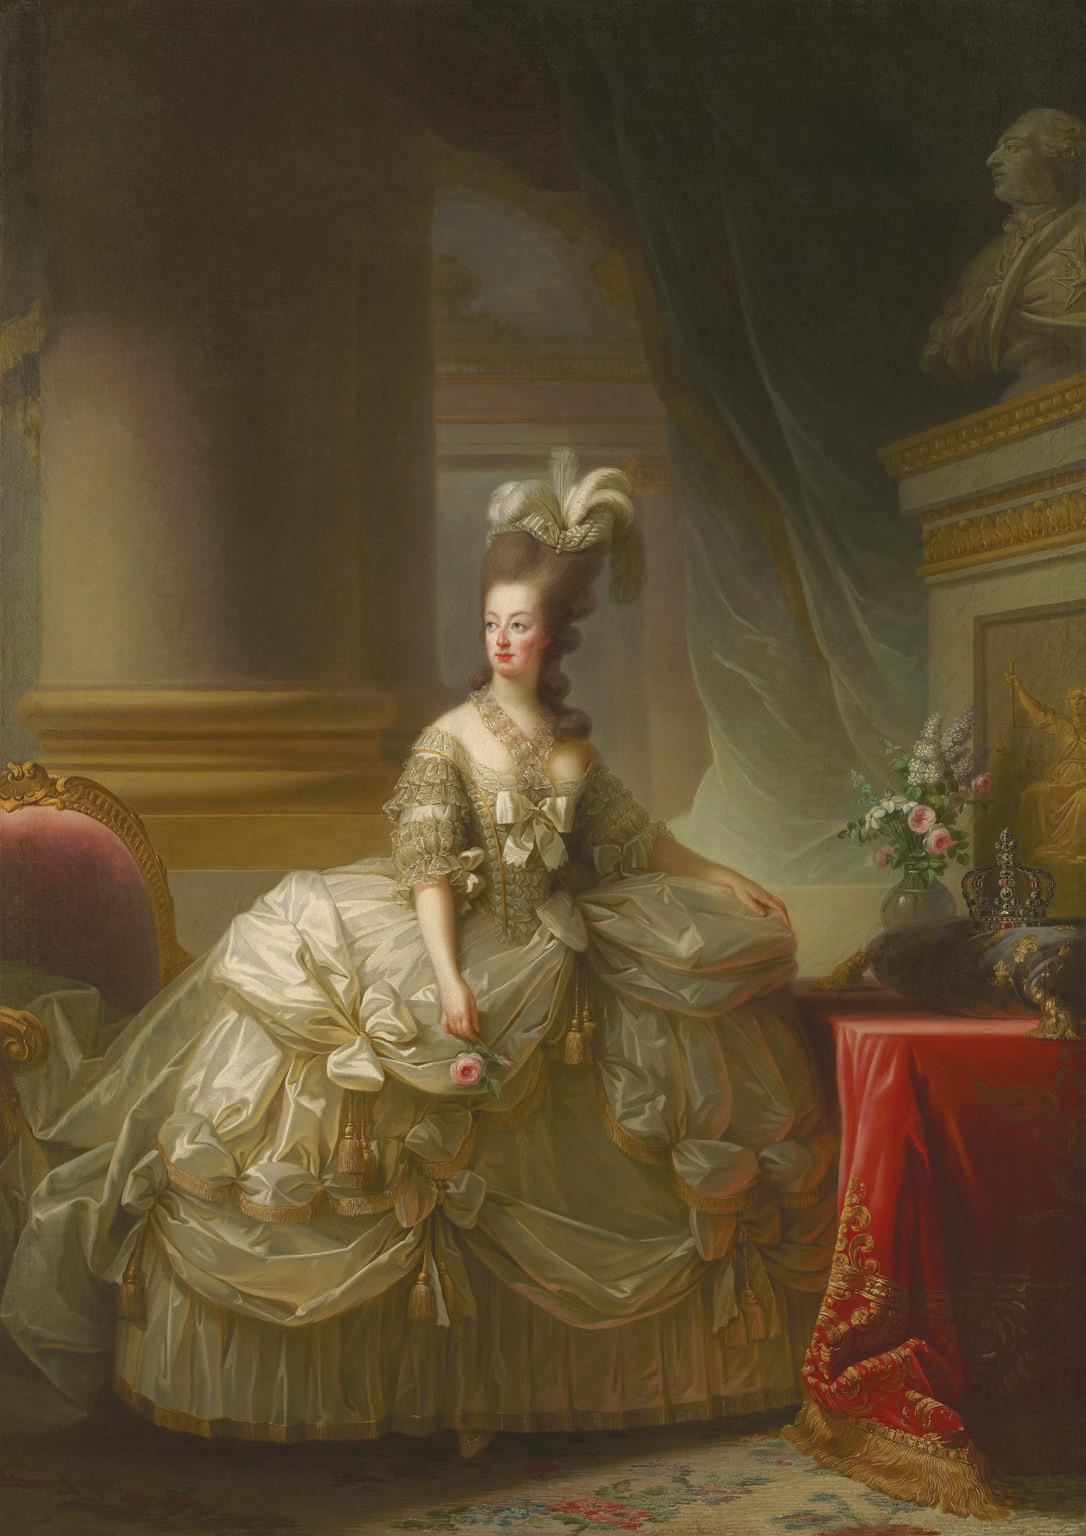 Erzherzogin Marie Antoinette, Königin von Frankreich, 1778., Élisabeth Vigée-Lebrun,Hermann Clemens Kosel